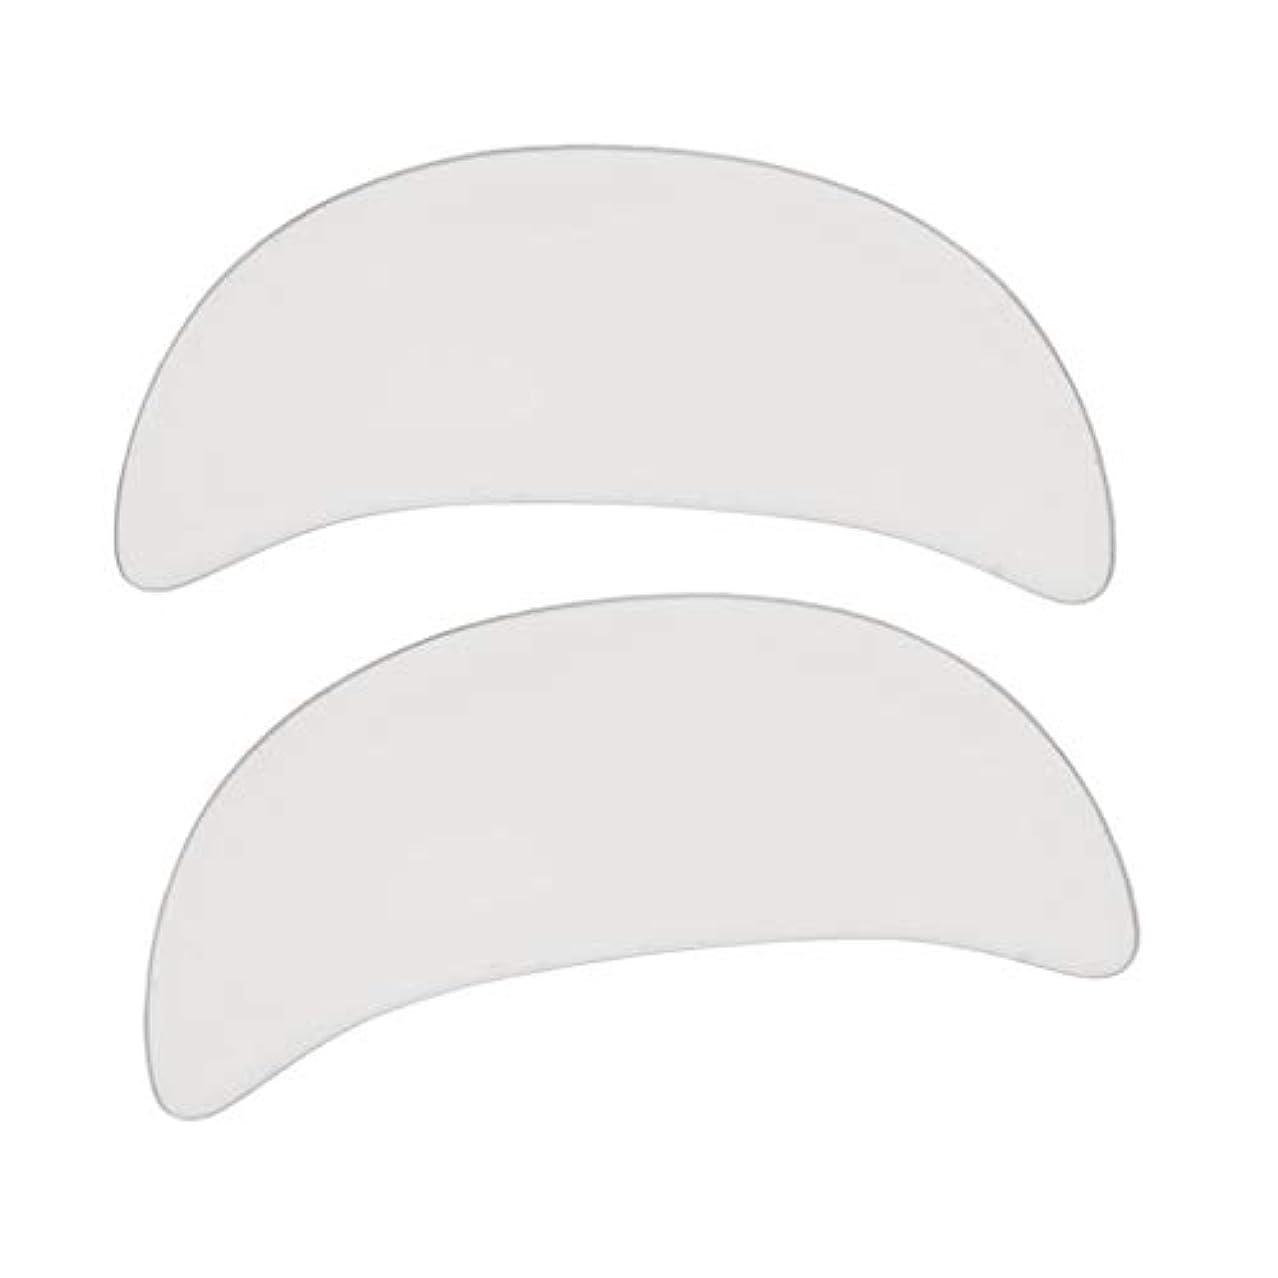 太陽感嘆符うぬぼれdailymall 2 /セットシリコン再利用可能なアンチリンクルアイフェイスパッドスキンケアマスク